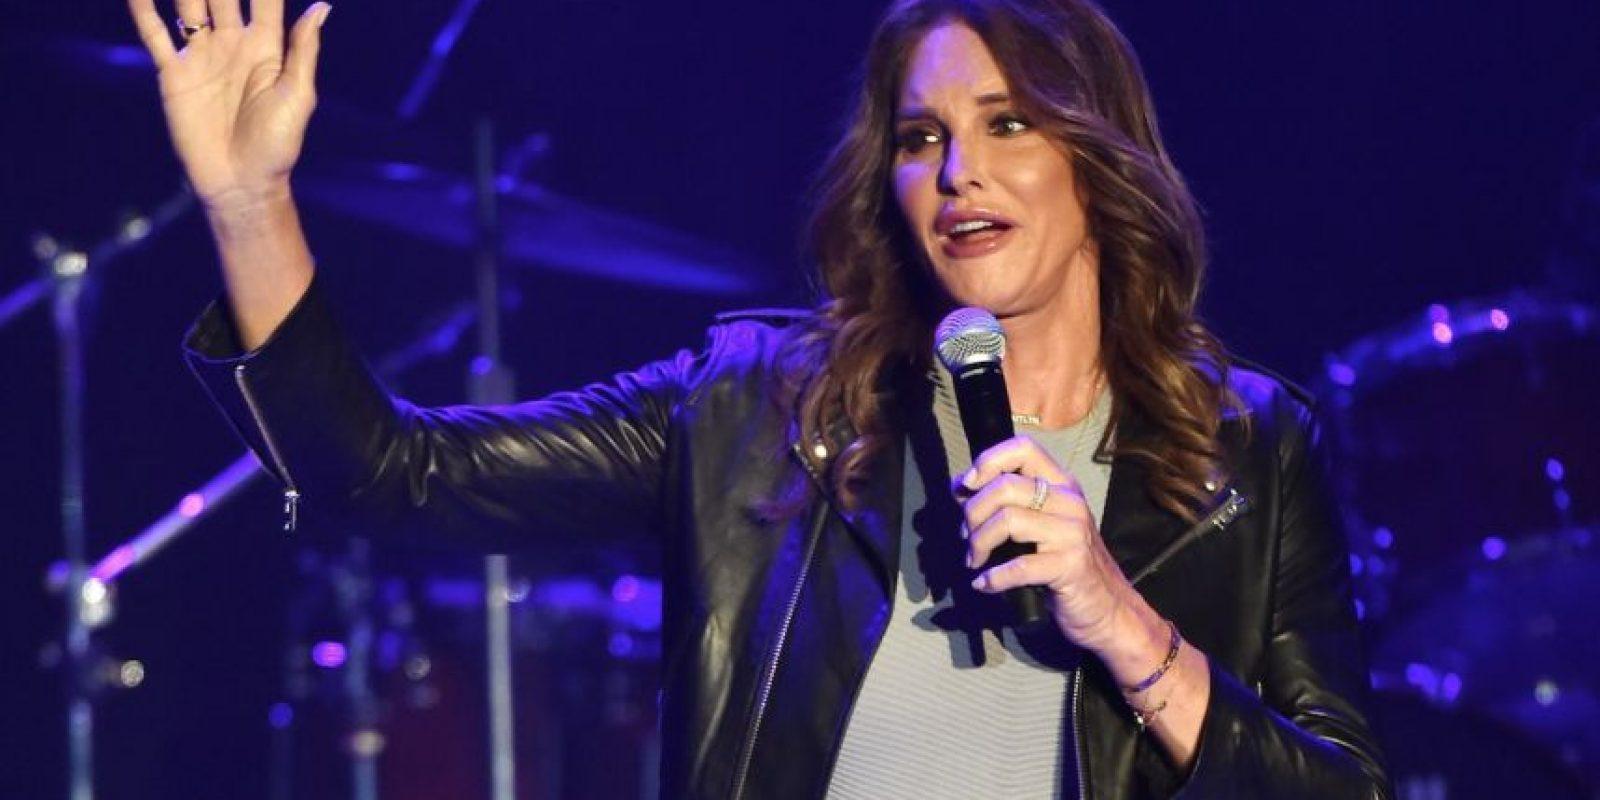 En junio se presentó como una mujer llamada Caitlyn Jenner Foto:Getty Images